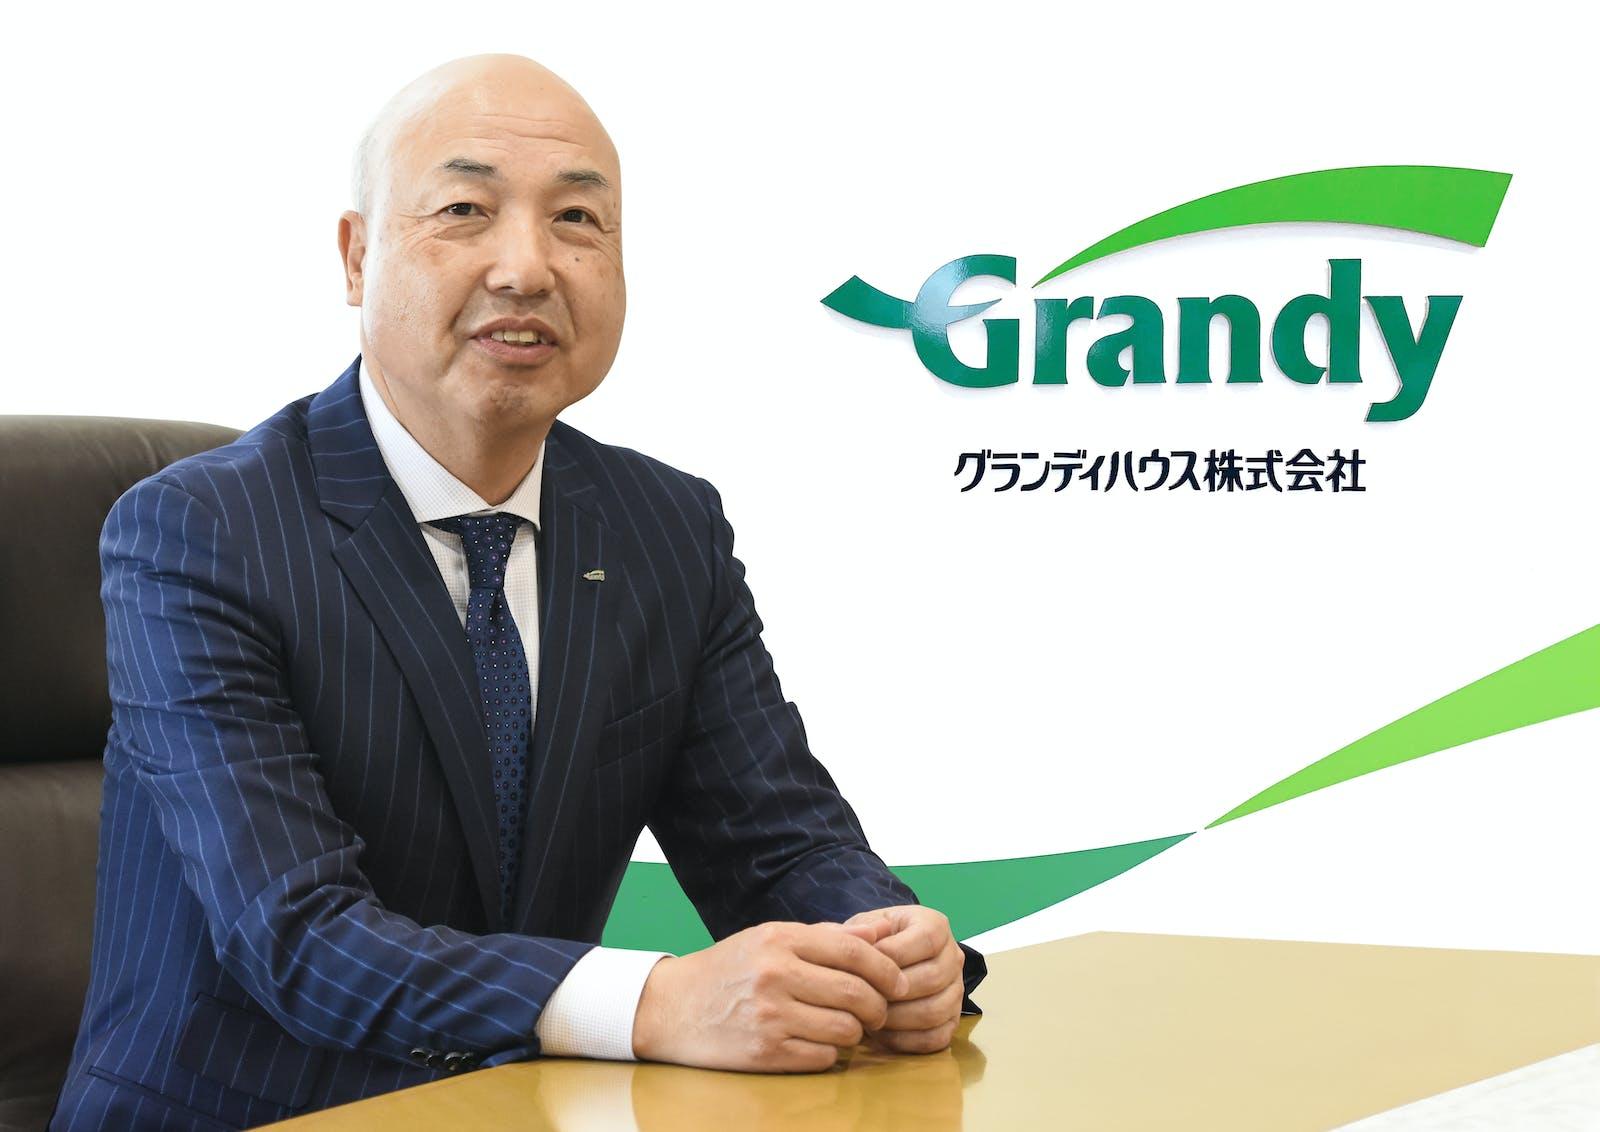 グランディハウス株式会社のアイキャッチ画像